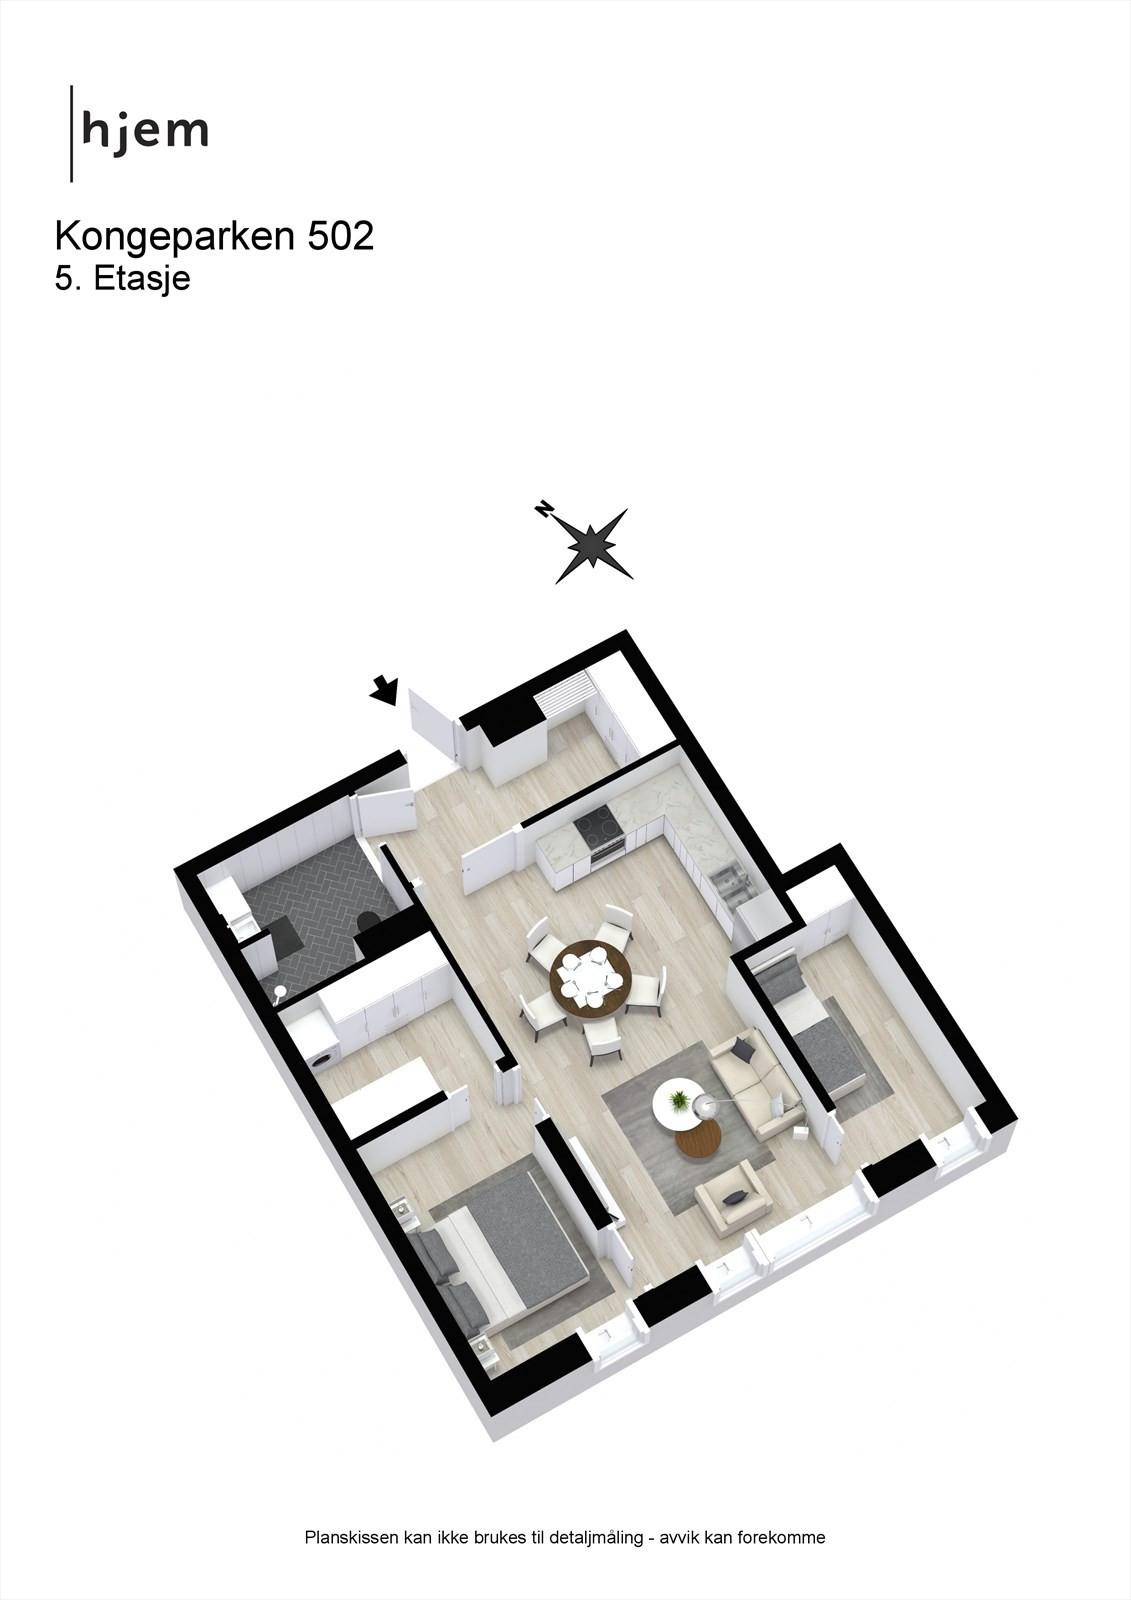 Kongeparken 502 - 3D - 5. Etasje